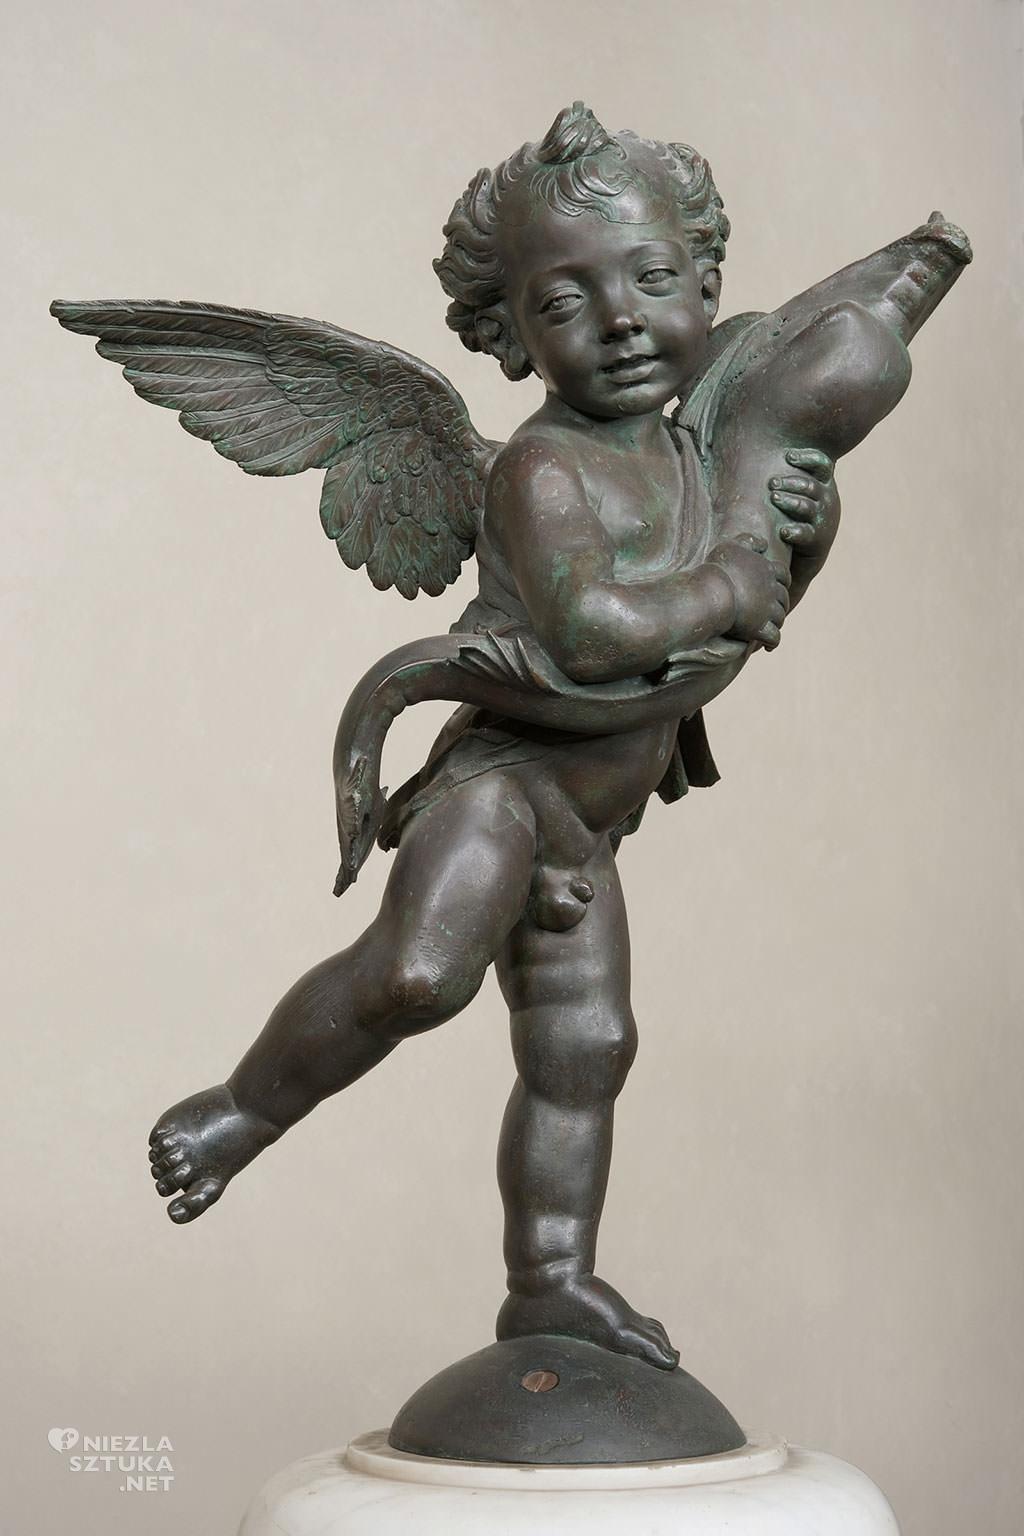 Andrea del Verrocchio, Putto z delfinem, rzeźba, sztuka włoska, Niezła sztuka